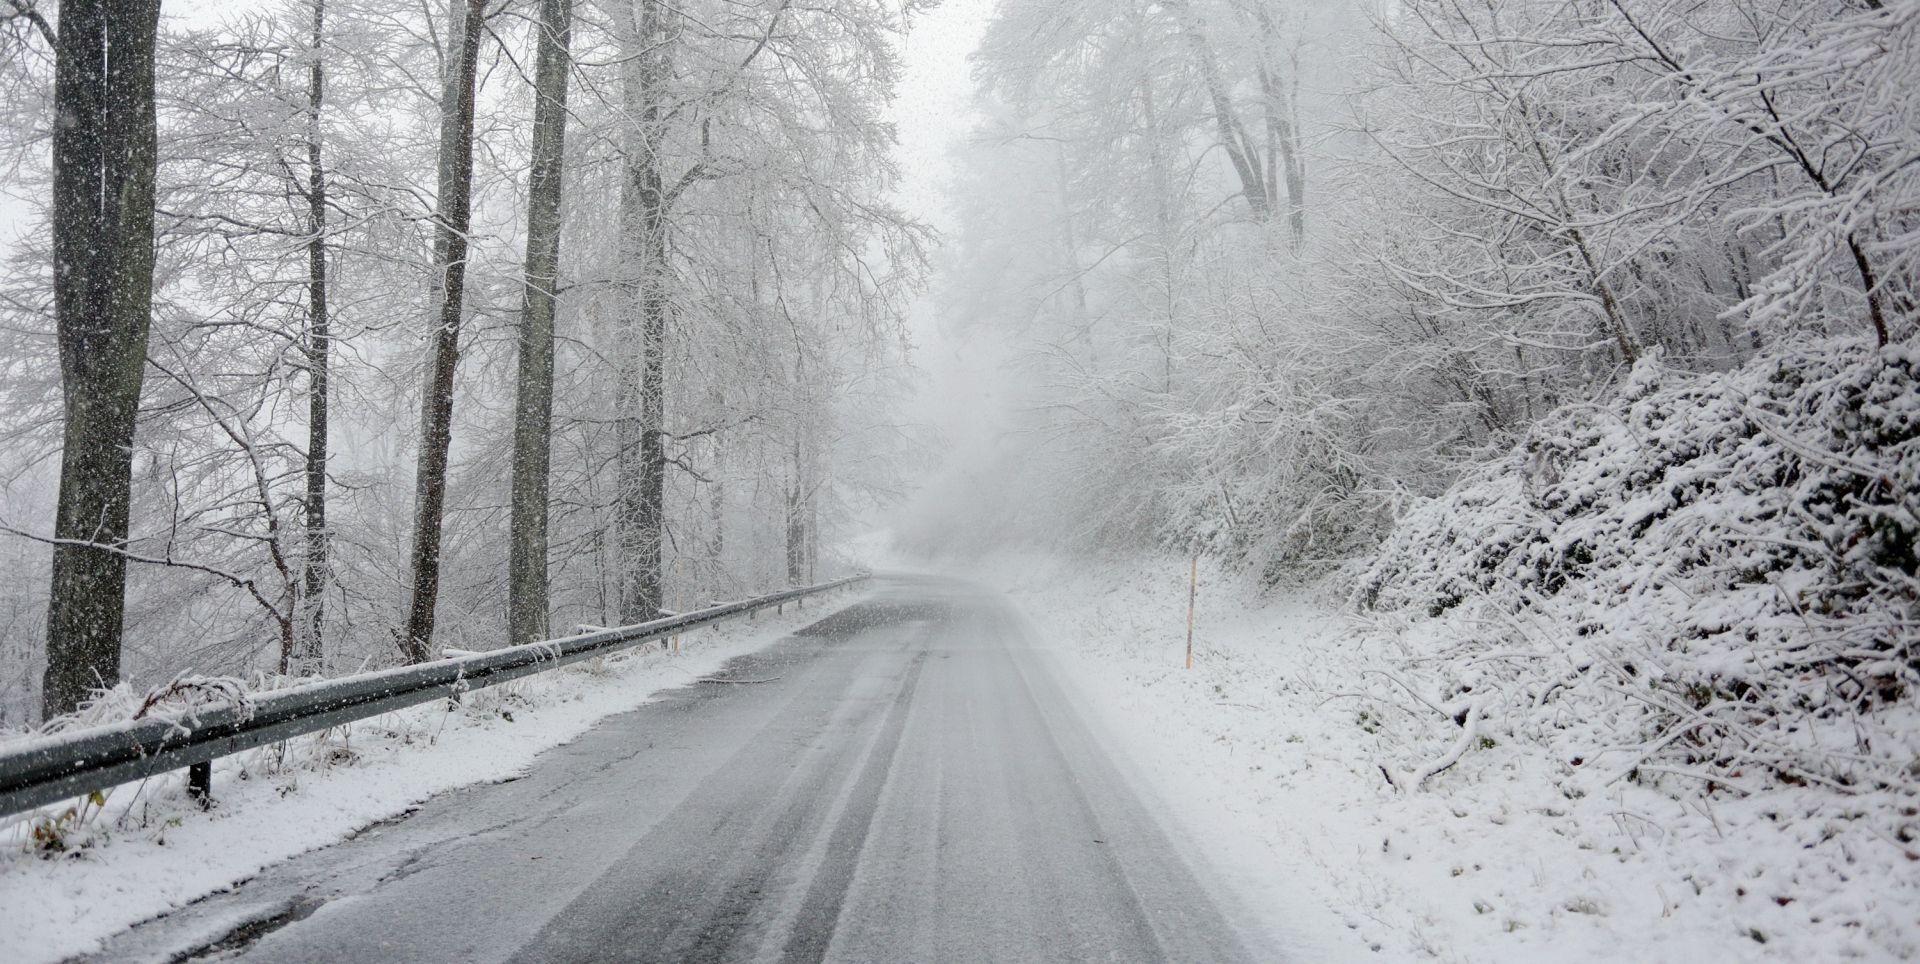 VEĆ STIGLO POGORŠANJE Snijeg uzrokuje probleme u prometu, Meteoalarm izdao crvena upozorenja